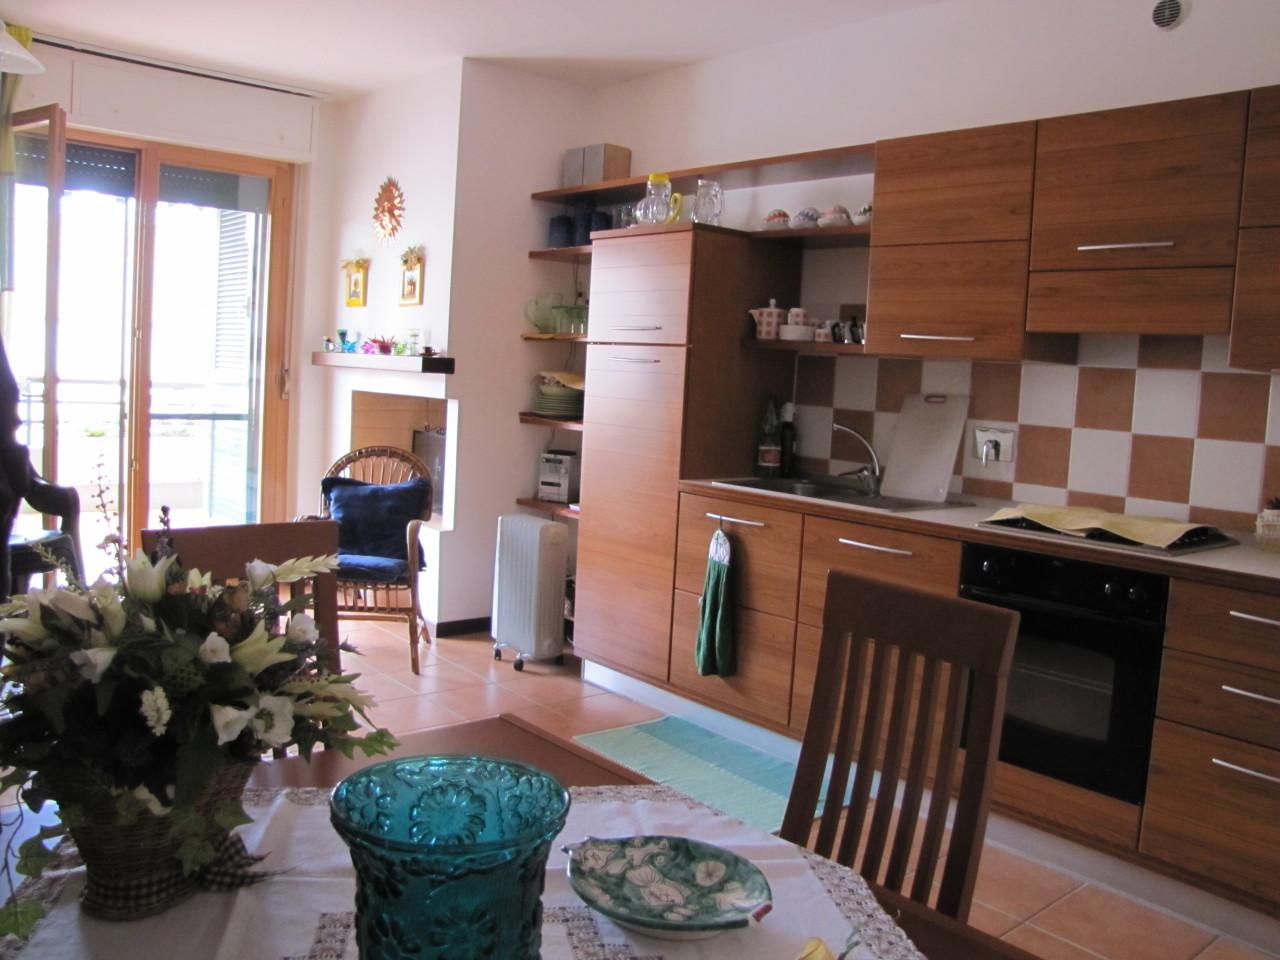 Appartamento ristrutturato in vendita Rif. 4162511